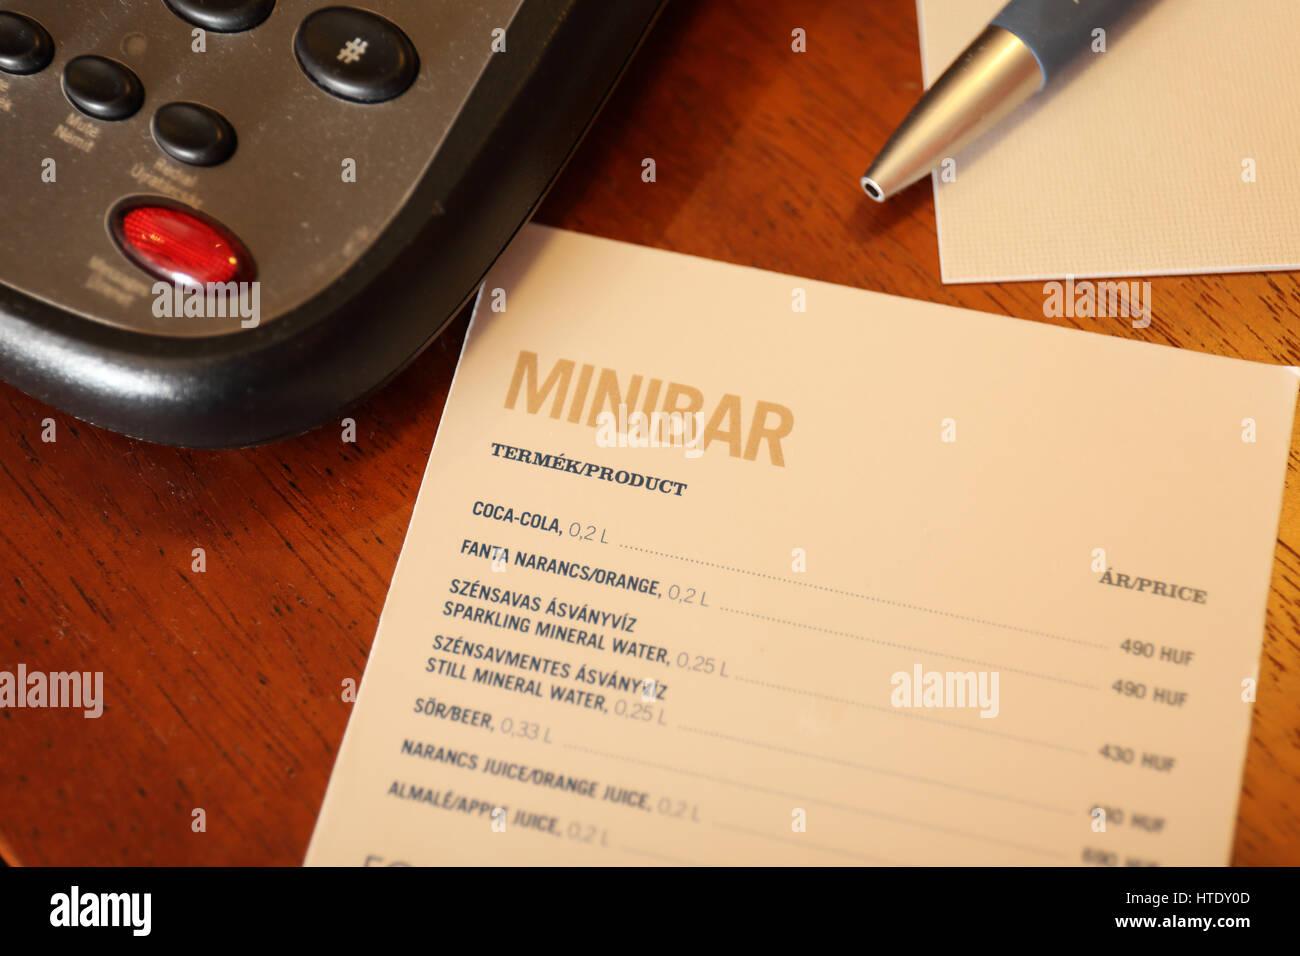 Hotel Zimmer Minibar Menü mit Telefon und Stift Stockfoto, Bild ...